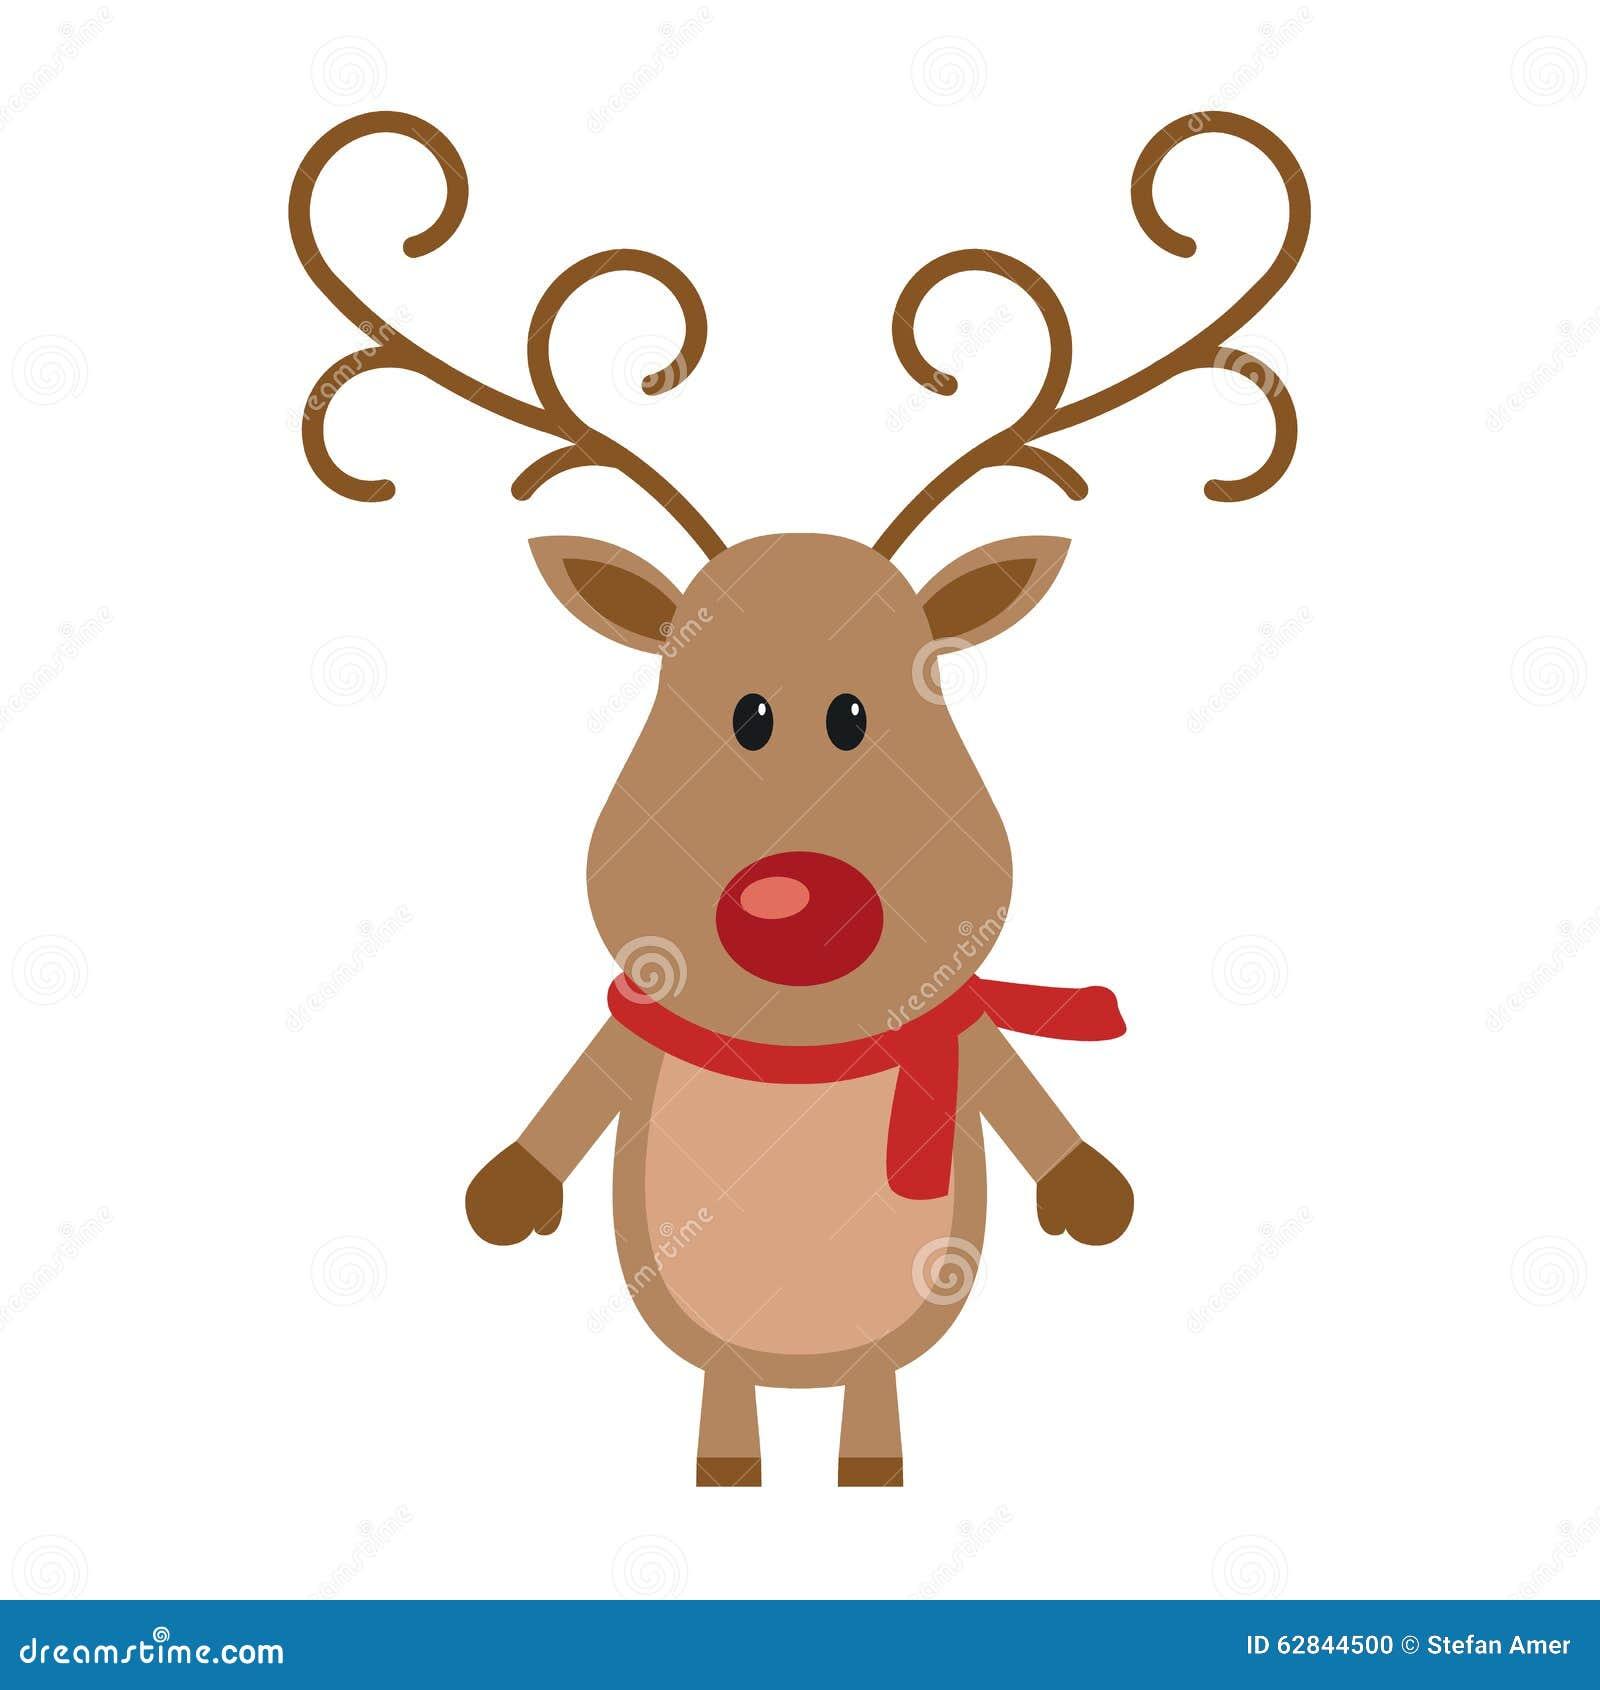 reindeer red nose with scarf stock vector illustration. Black Bedroom Furniture Sets. Home Design Ideas